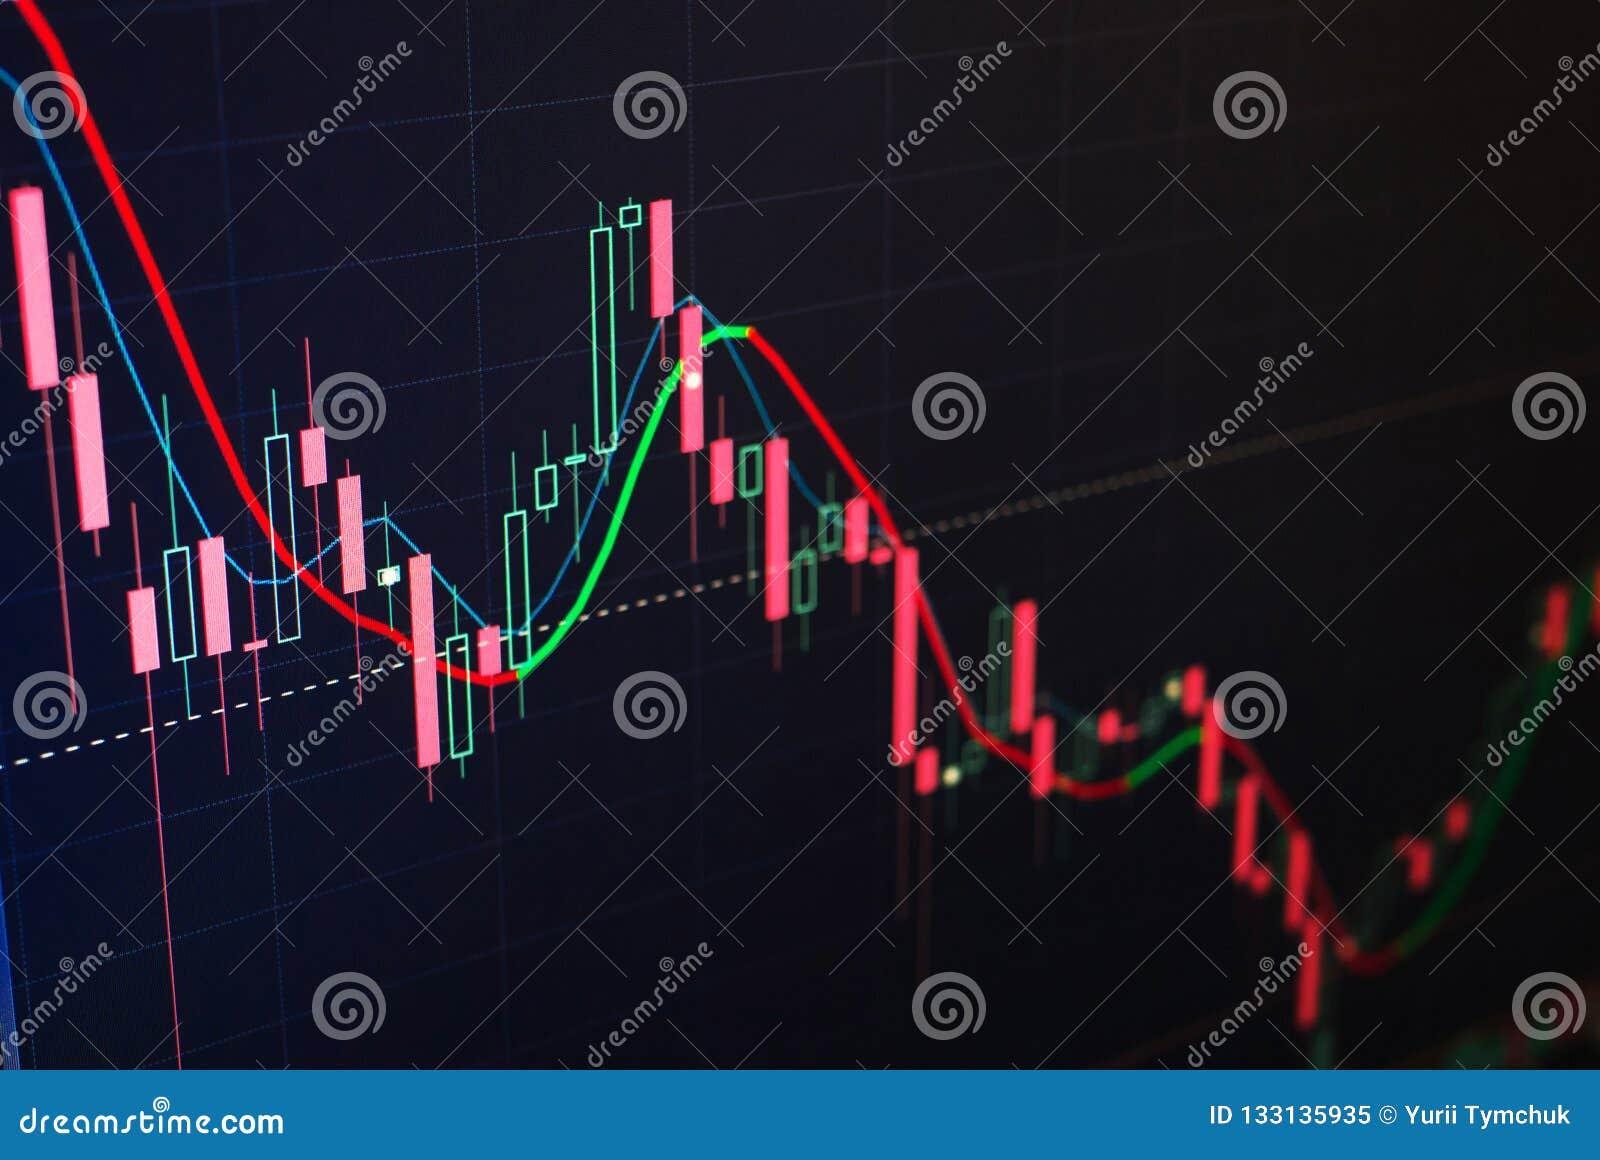 Bougies rouges et vertes de la bourse des valeurs  Concept marchand Analyse technique